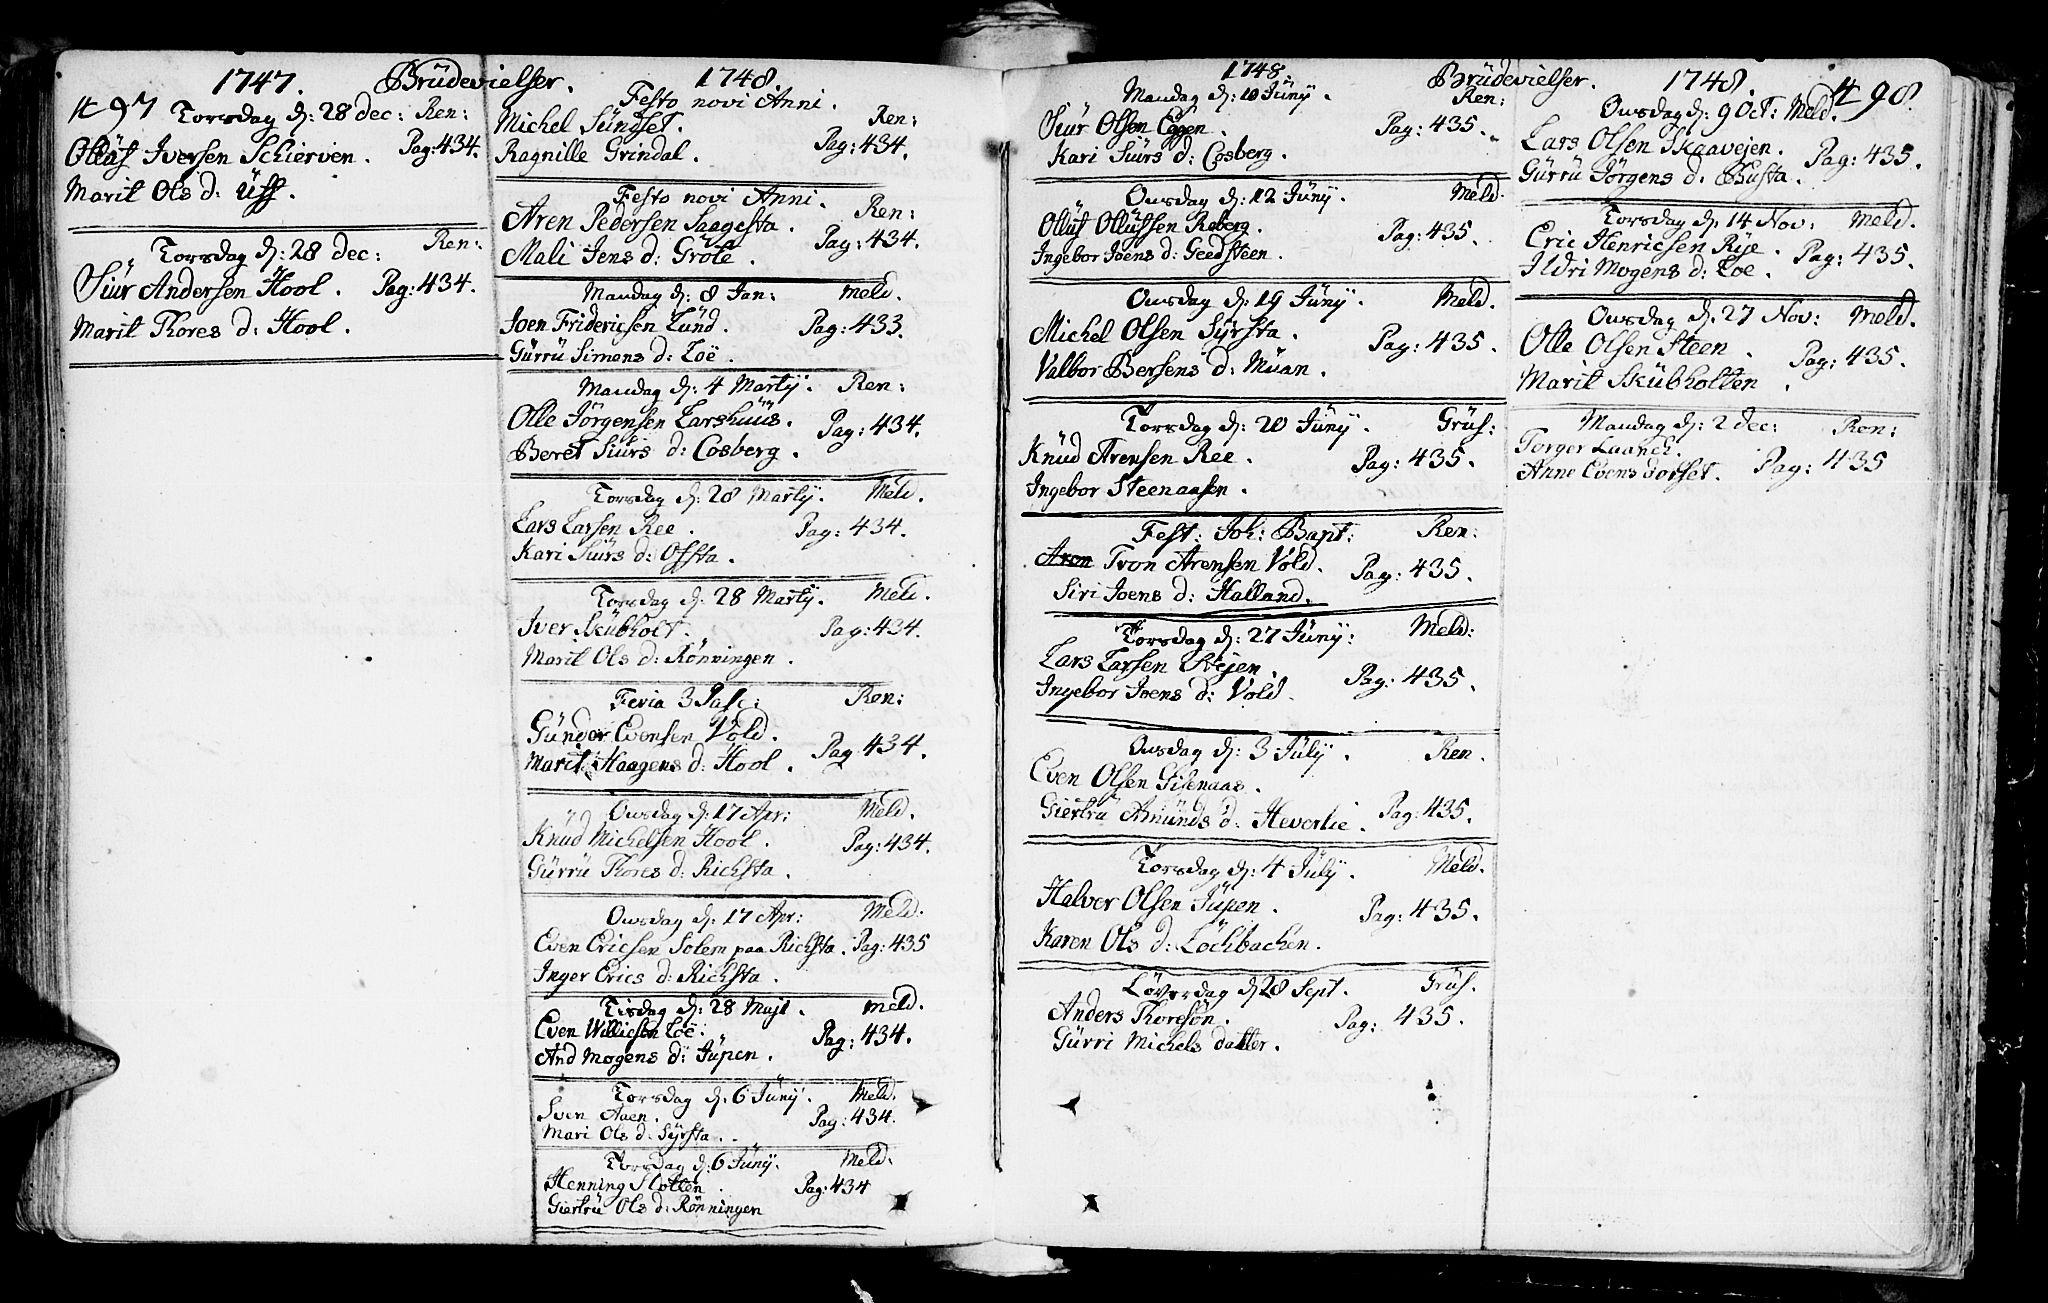 SAT, Ministerialprotokoller, klokkerbøker og fødselsregistre - Sør-Trøndelag, 672/L0850: Ministerialbok nr. 672A03, 1725-1751, s. 497-498